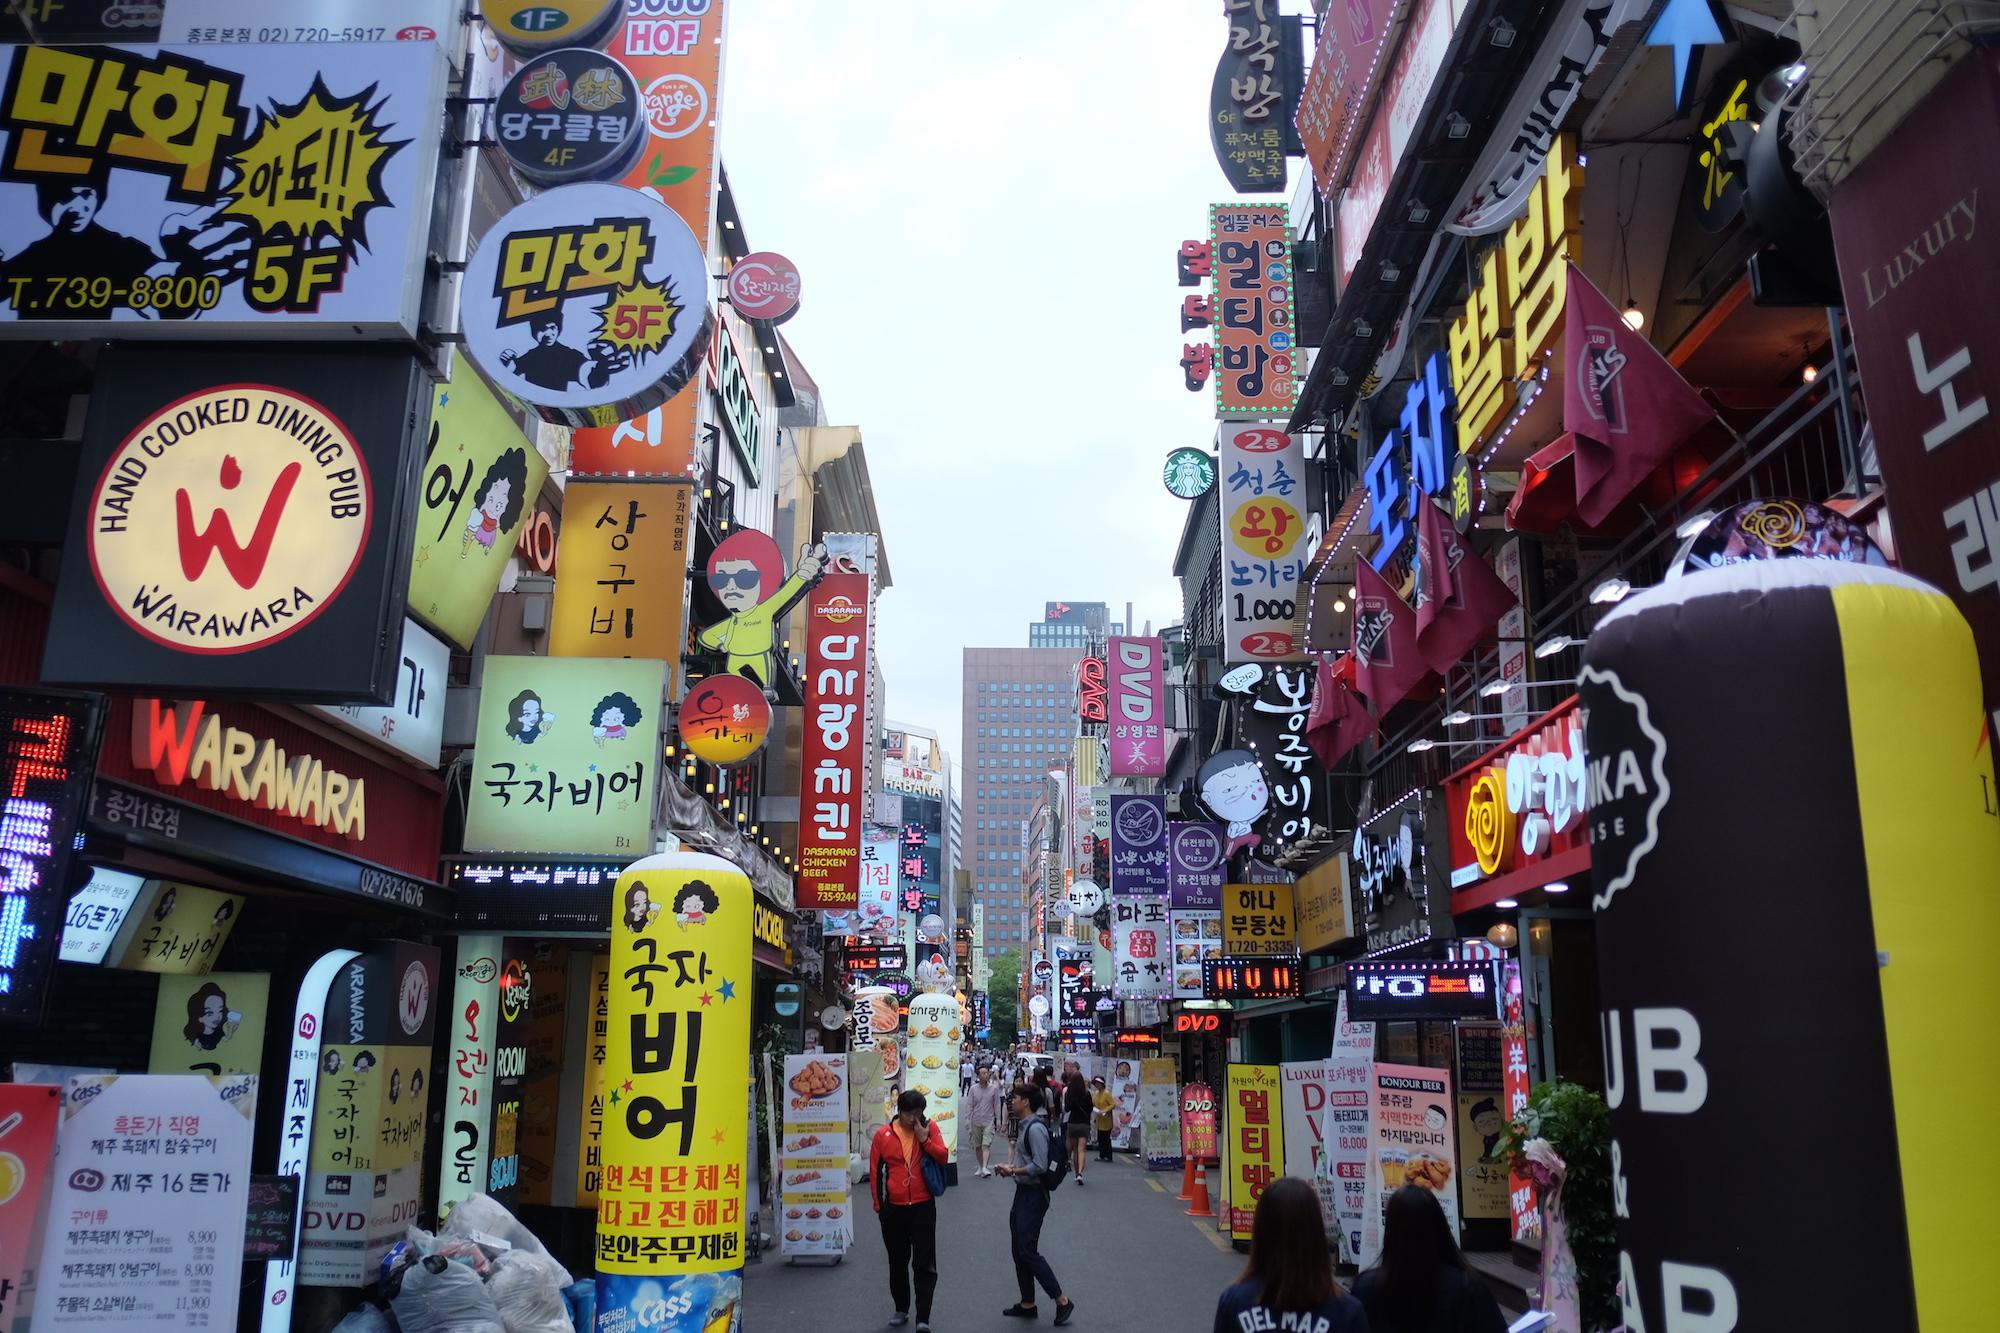 Coreeseoul00088